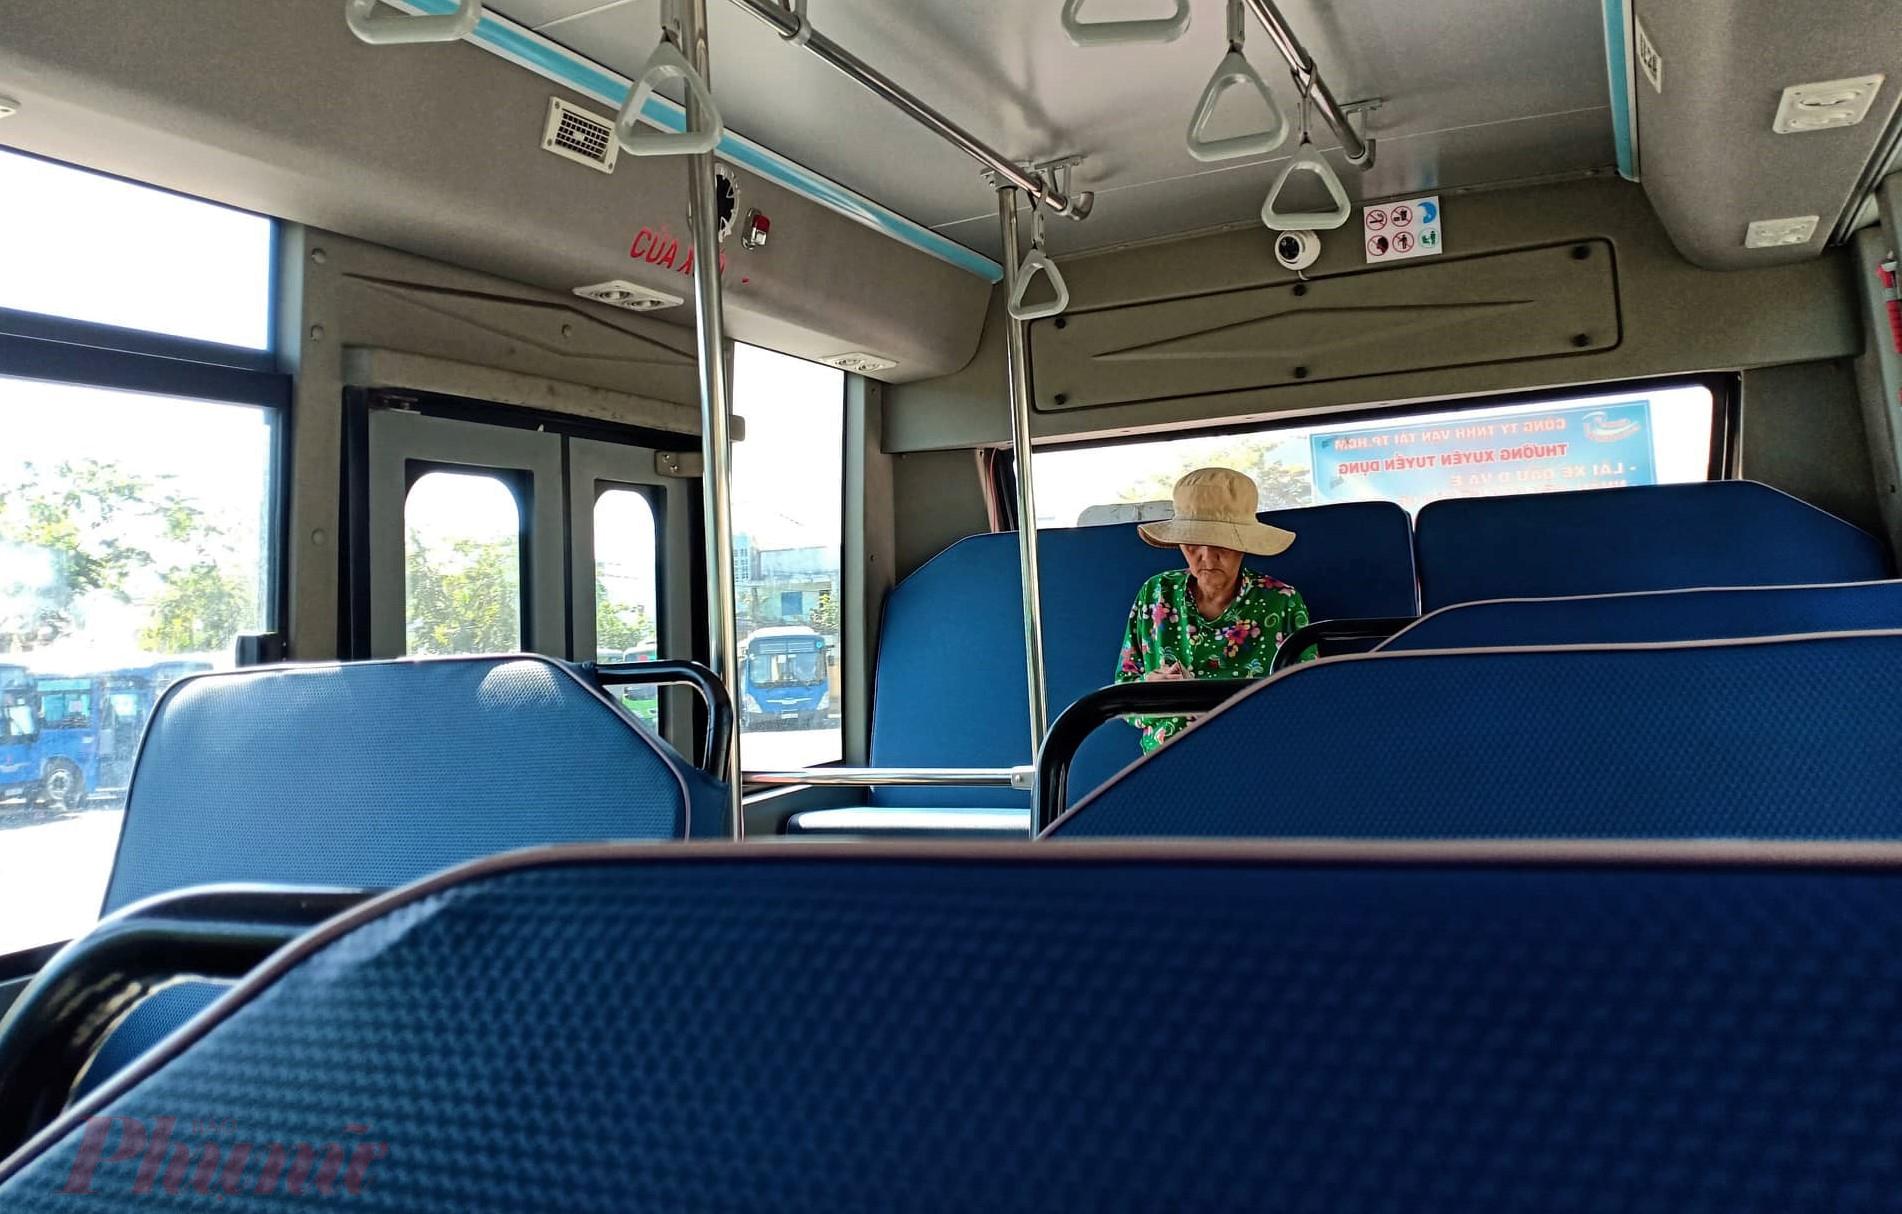 Cả chuyến xe chỉ vỏn vẹn có một hành khách